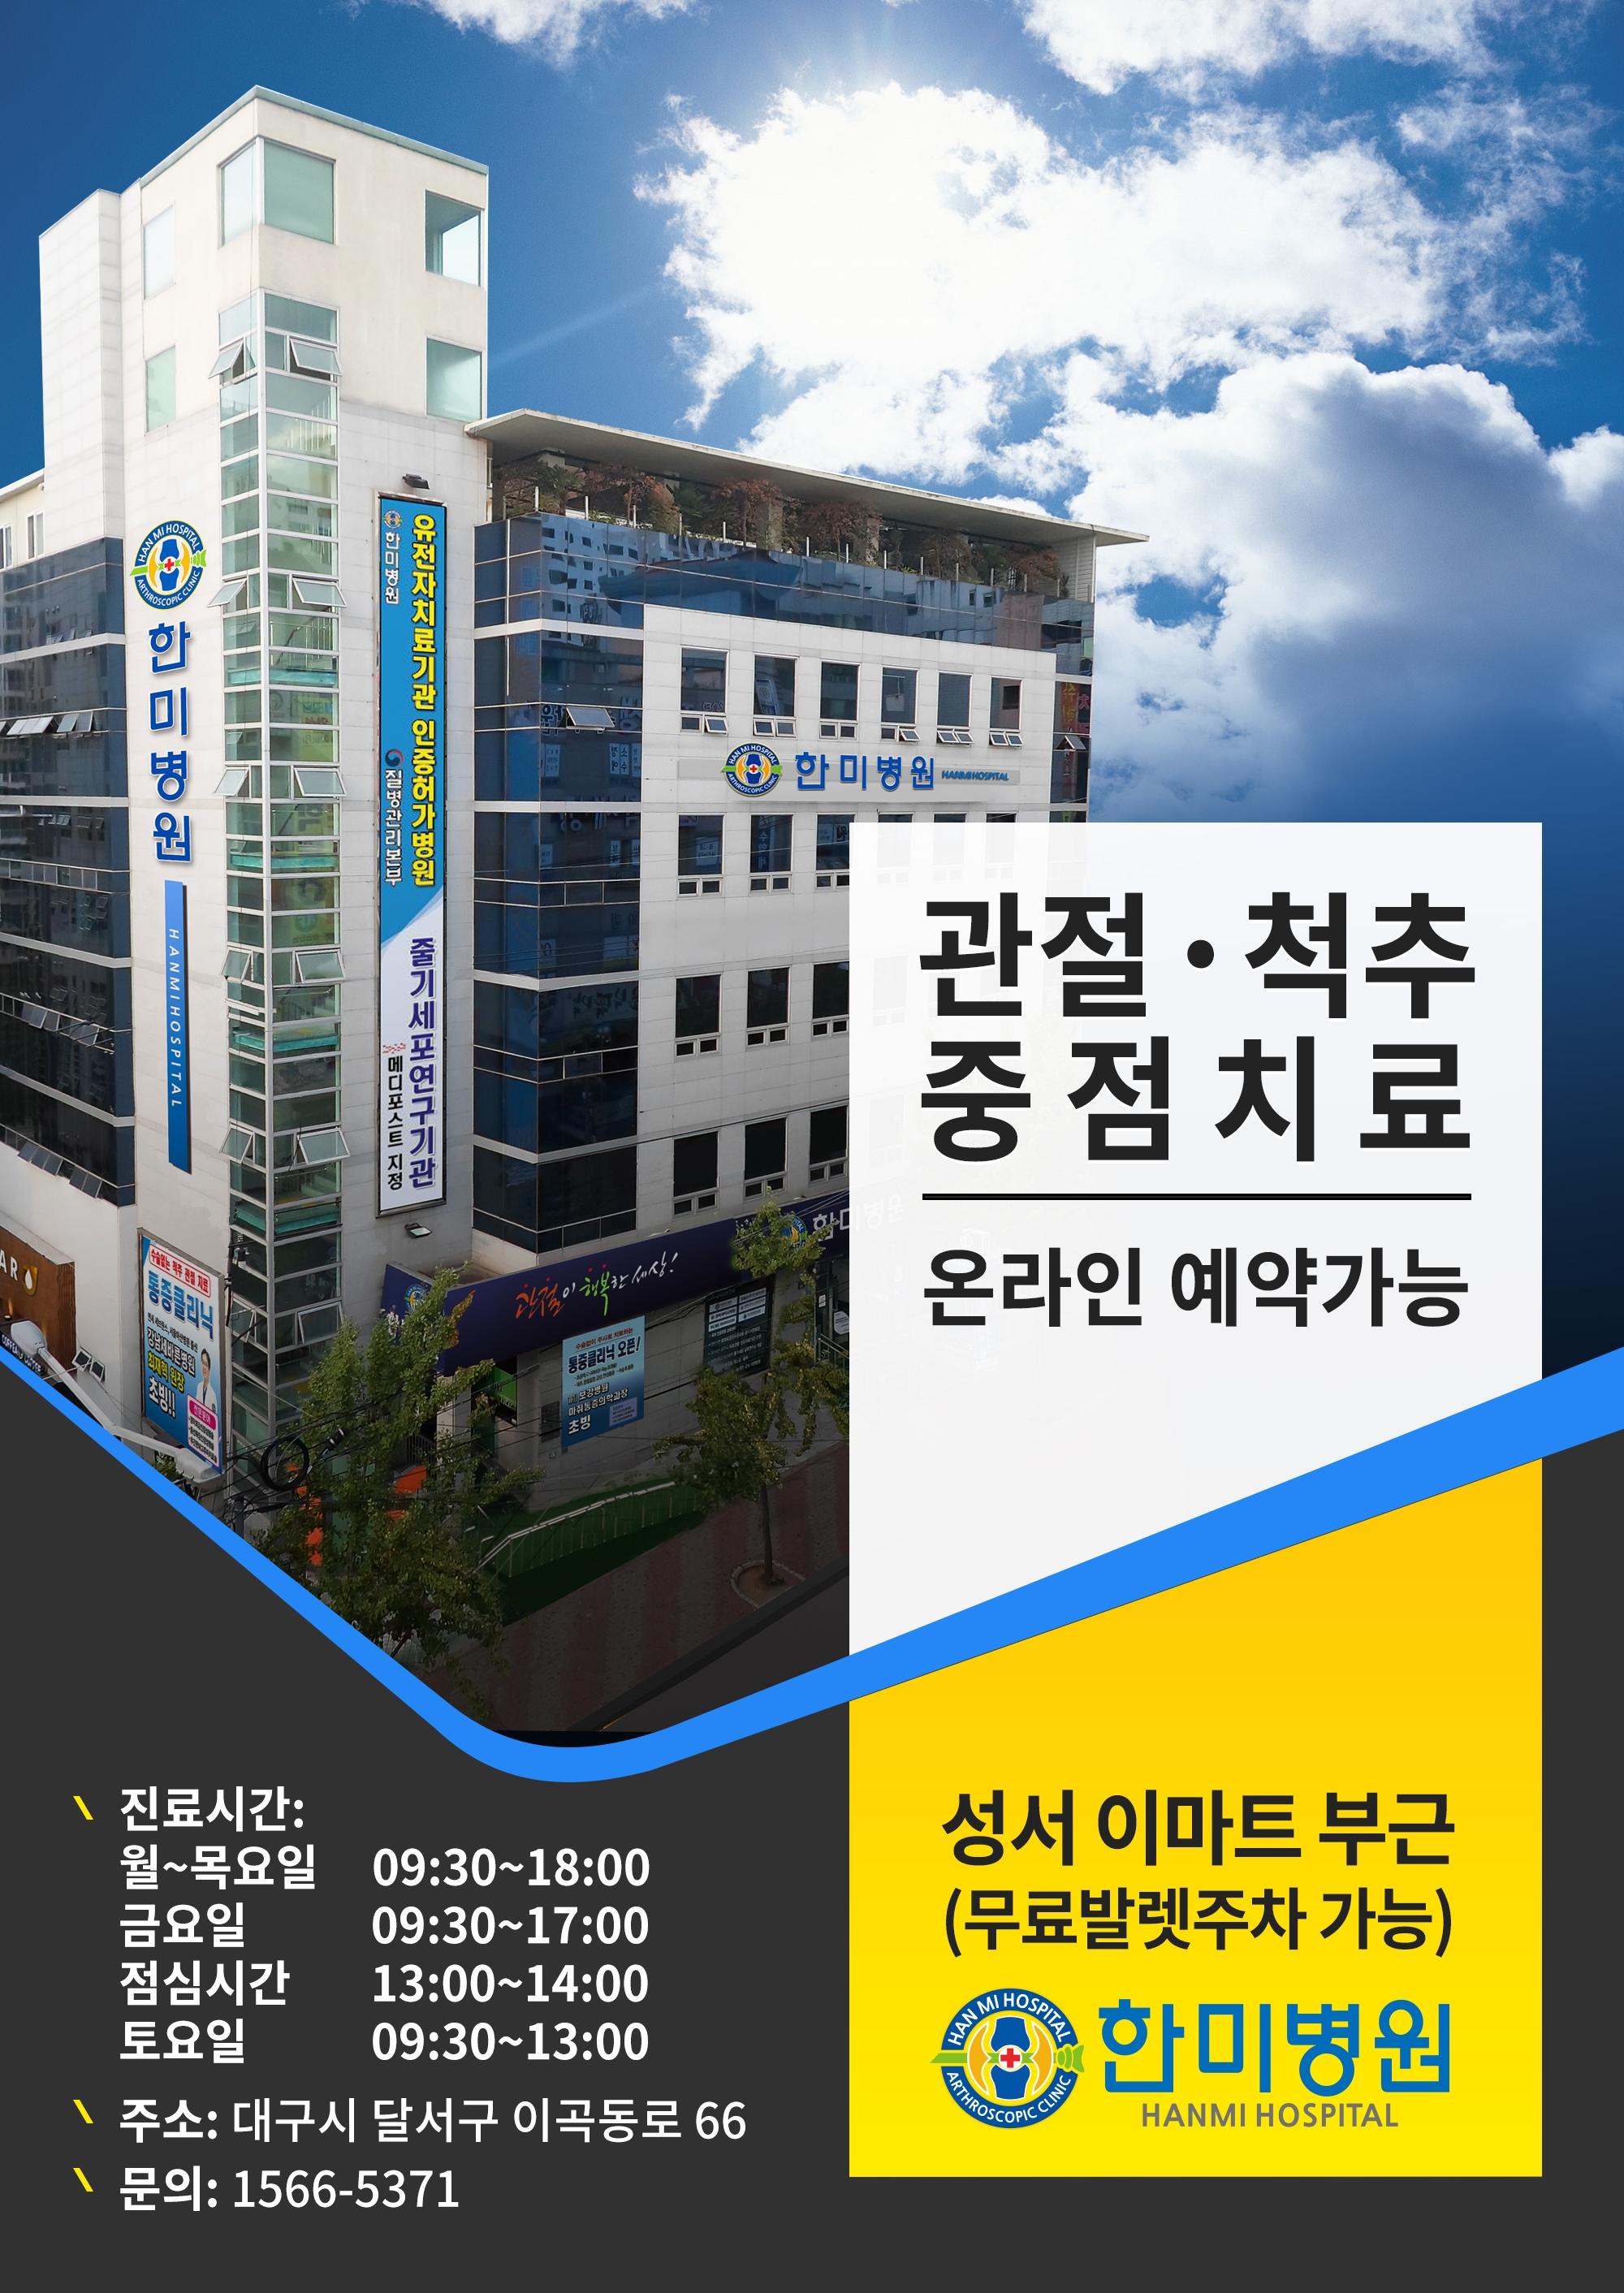 한미병원 소개.jpg